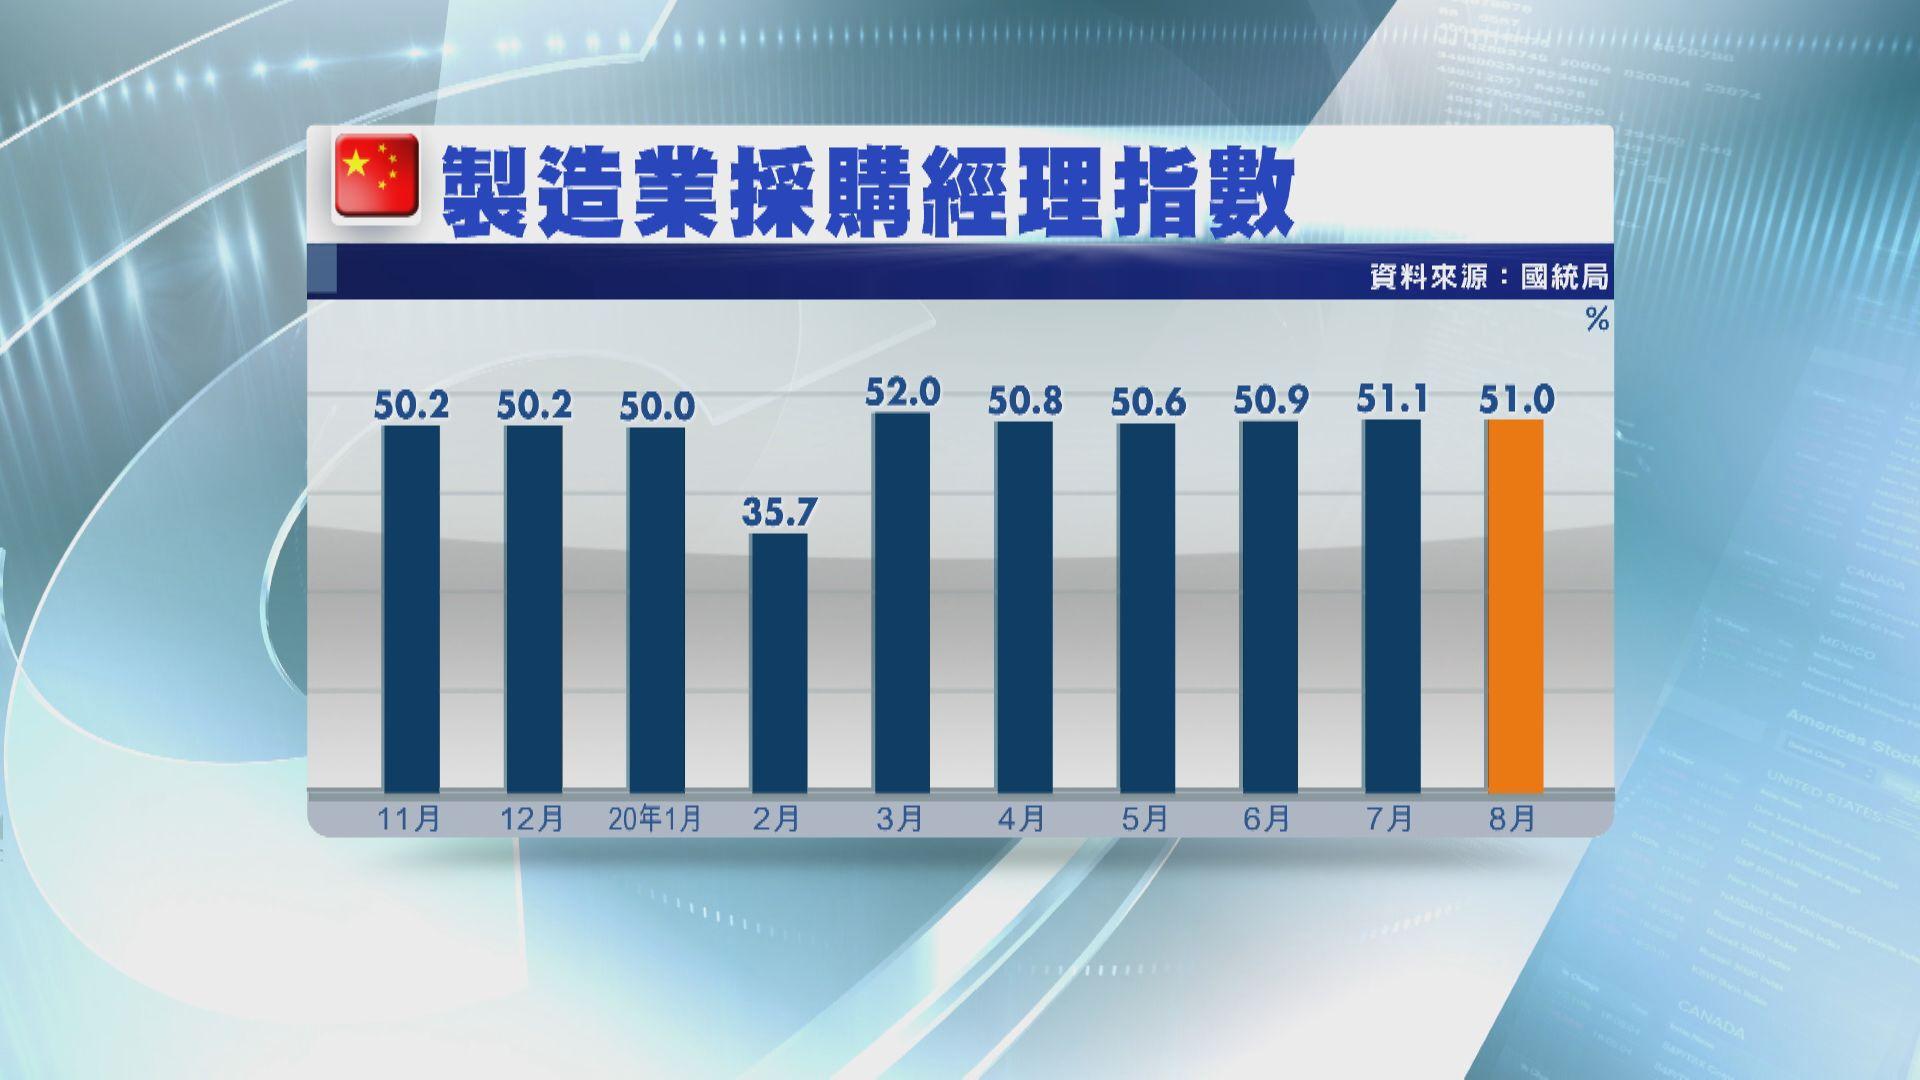 8月官方製造業PMI回落 遜預期